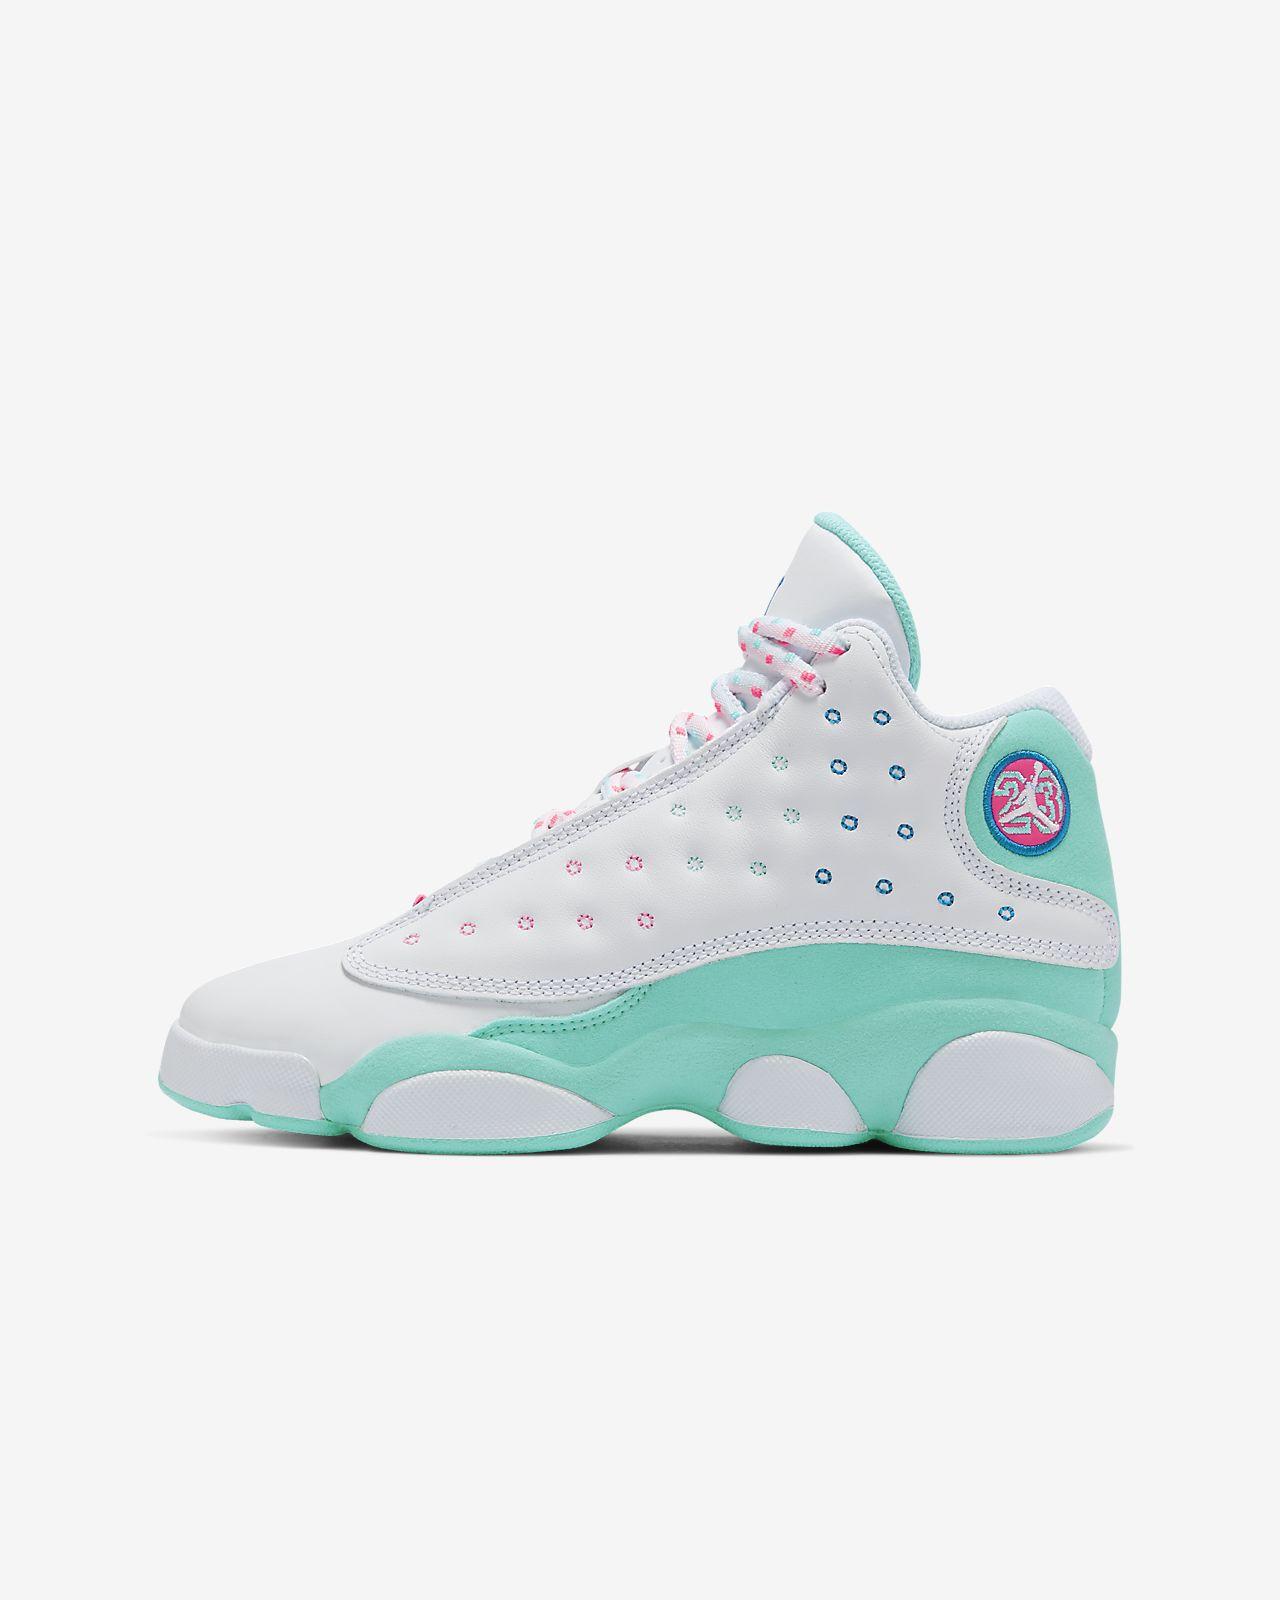 Air Jordan 13 Retro Older Kids Shoe Nike Dk